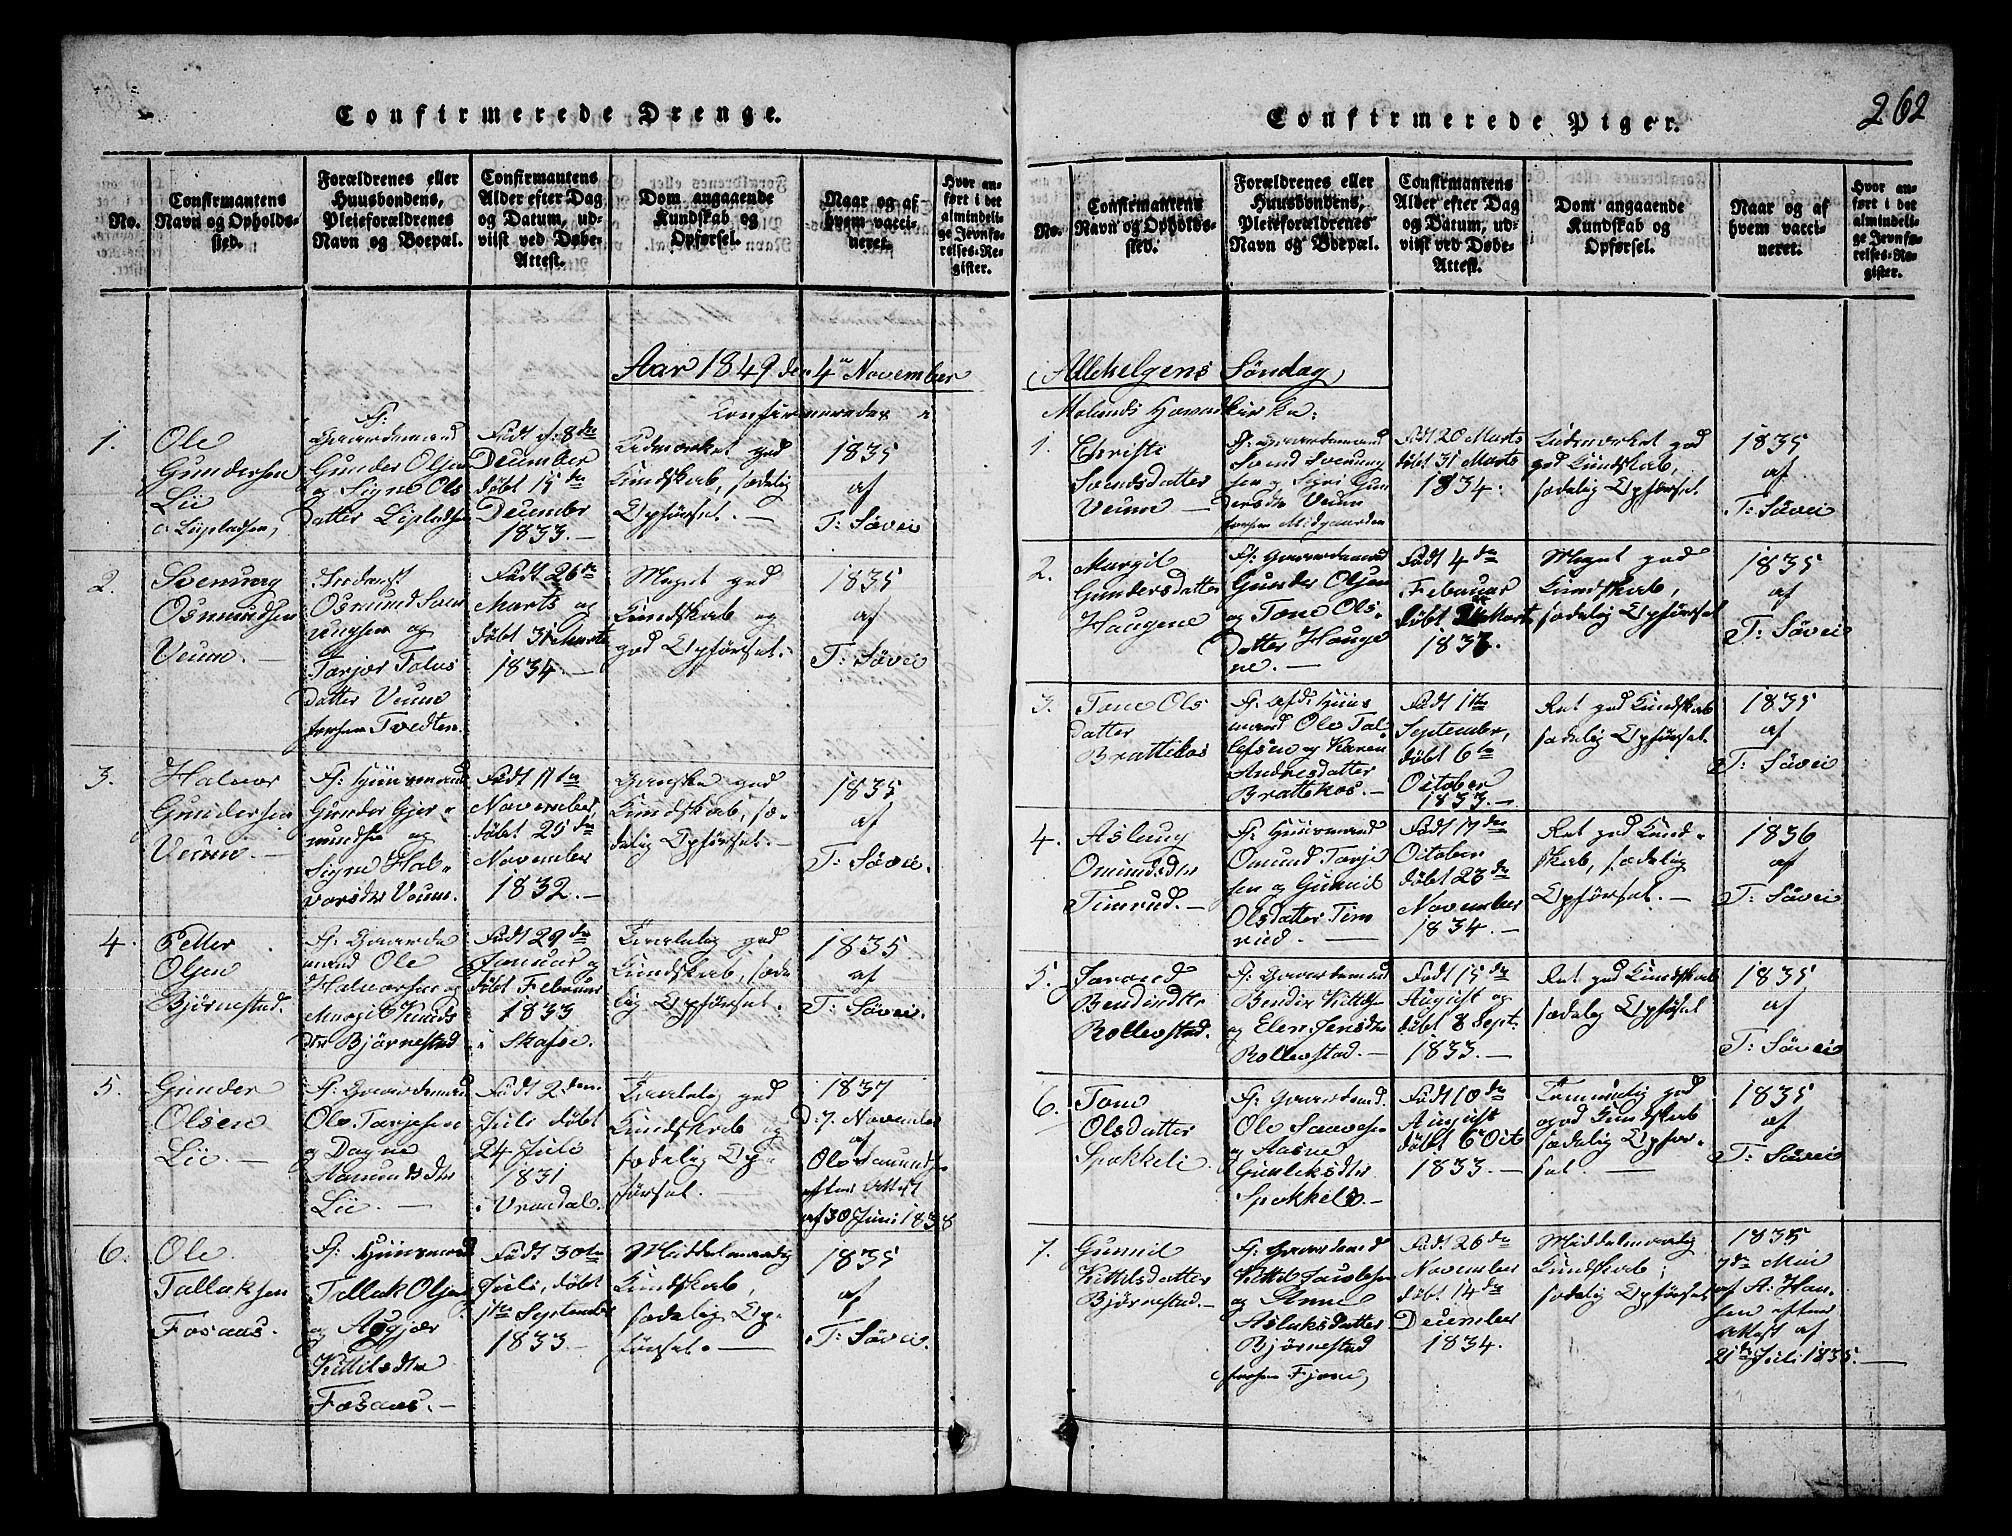 SAKO, Fyresdal kirkebøker, G/Ga/L0003: Klokkerbok nr. I 3, 1815-1863, s. 262